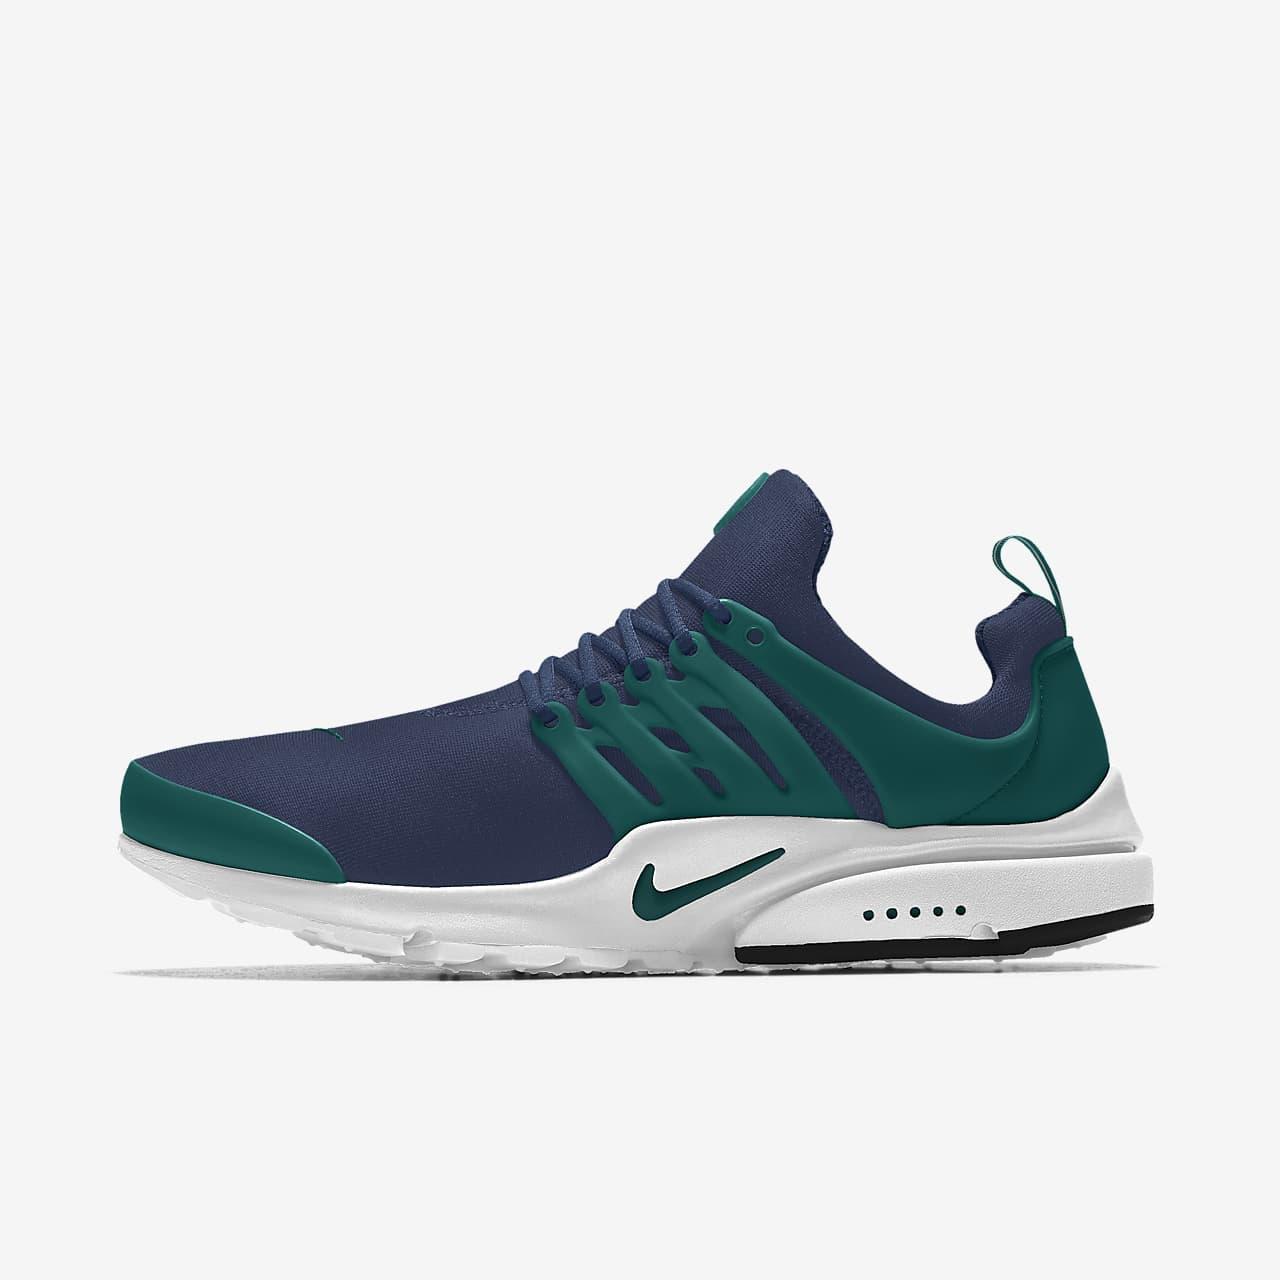 Damskie personalizowane buty Nike Air Presto By You